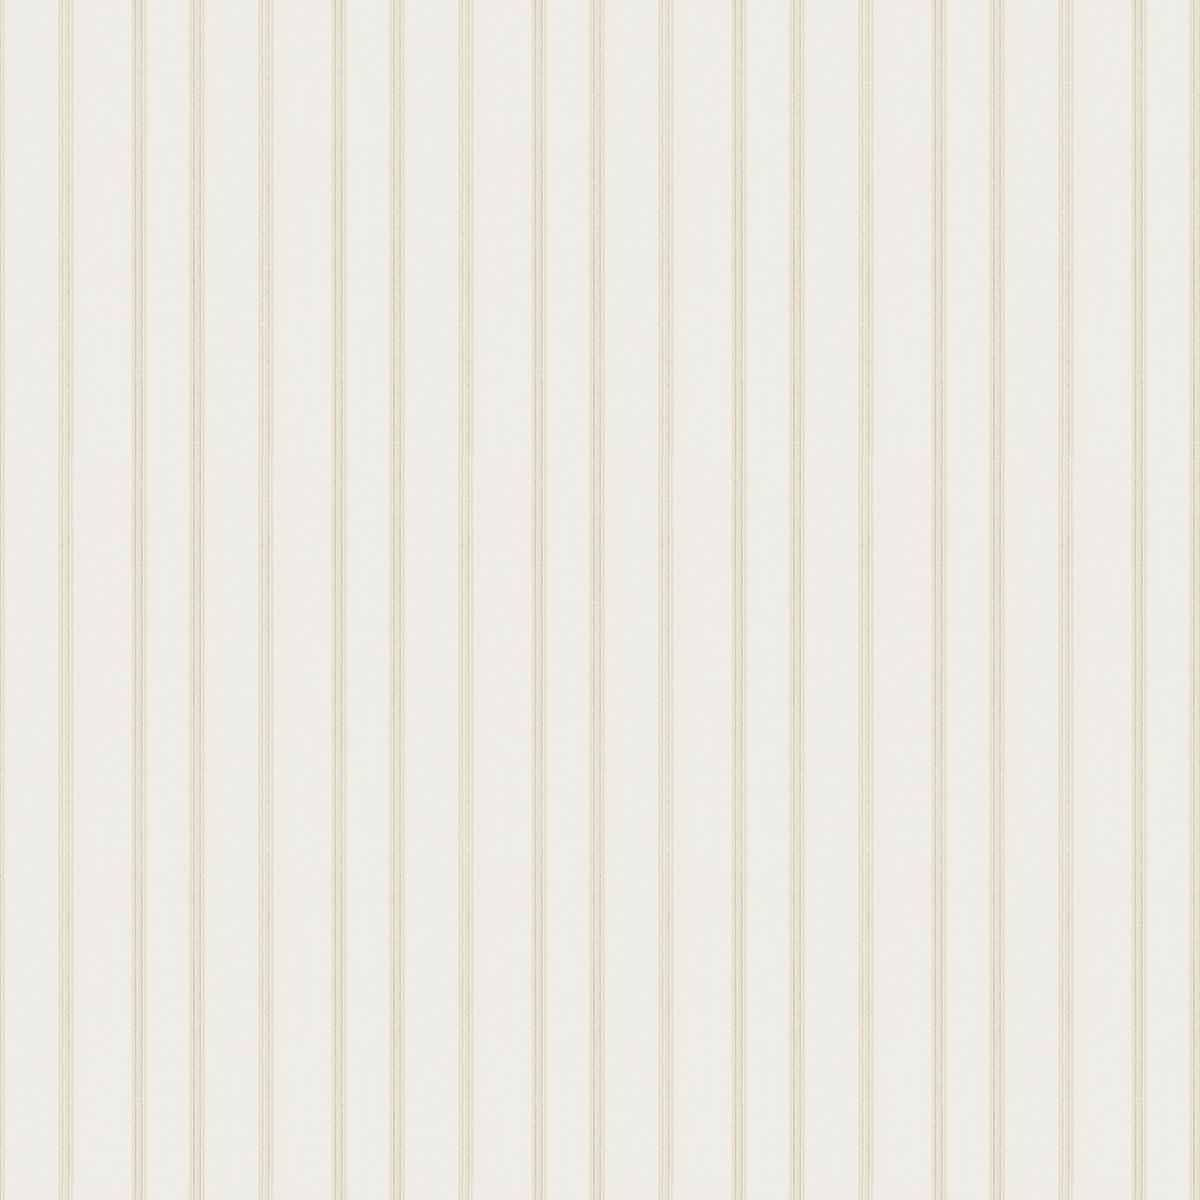 Обои флизелиновые Палитра бежевые 1.06 м PL71216-12